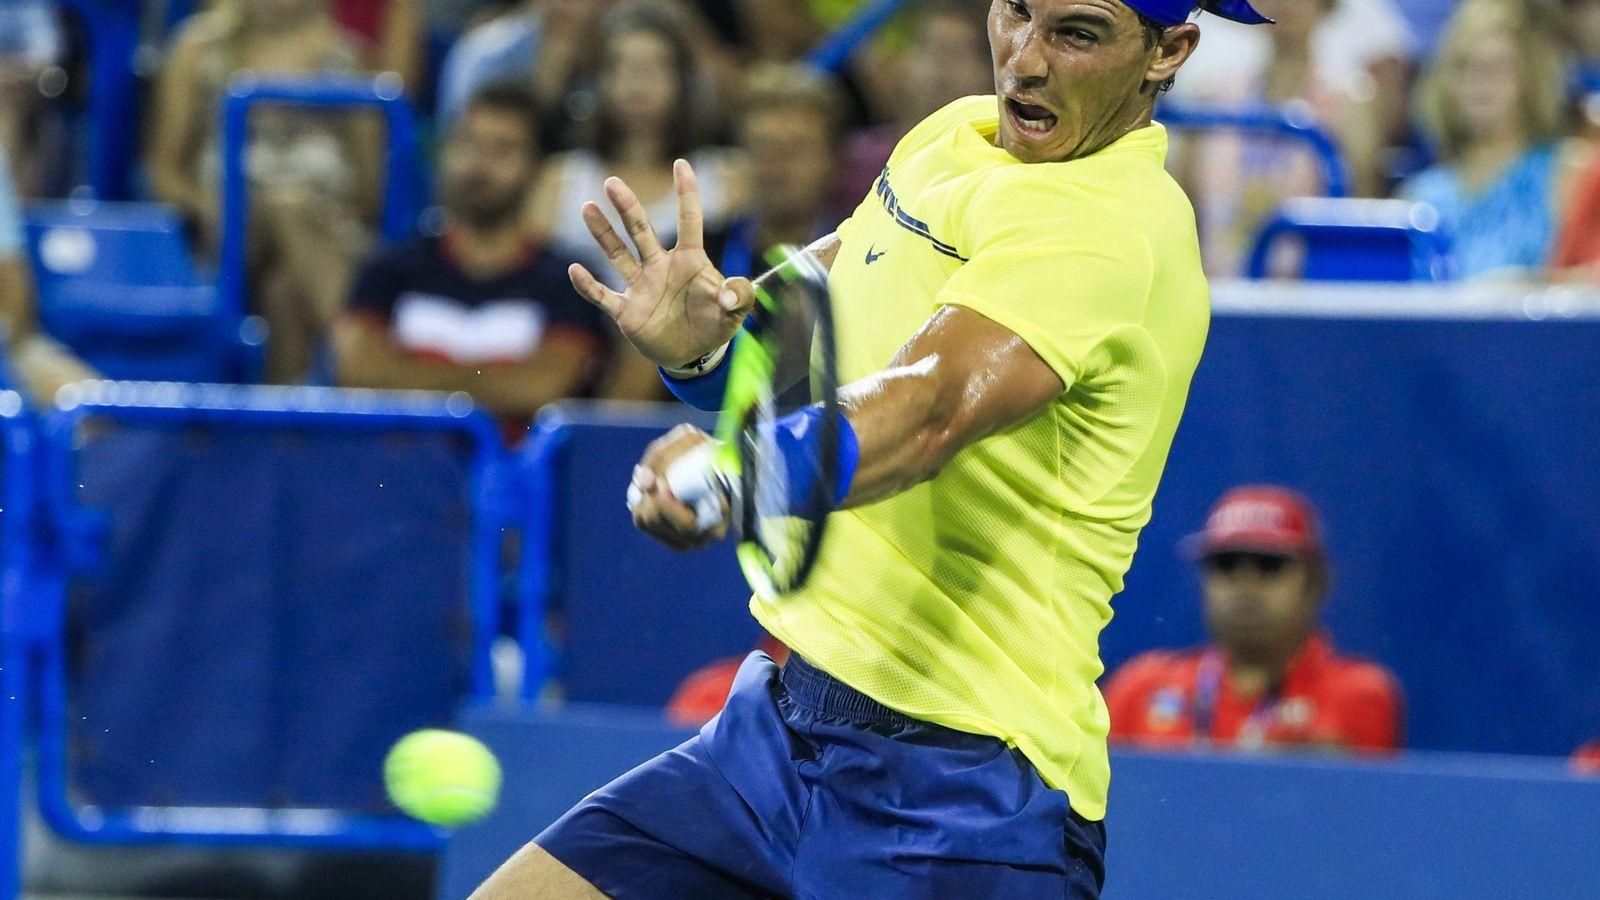 Foto: Rafael Nadal de España devuelve una bola ante Richard Gasquet en el Masters 1.000 de Cincinnati. (Efe)